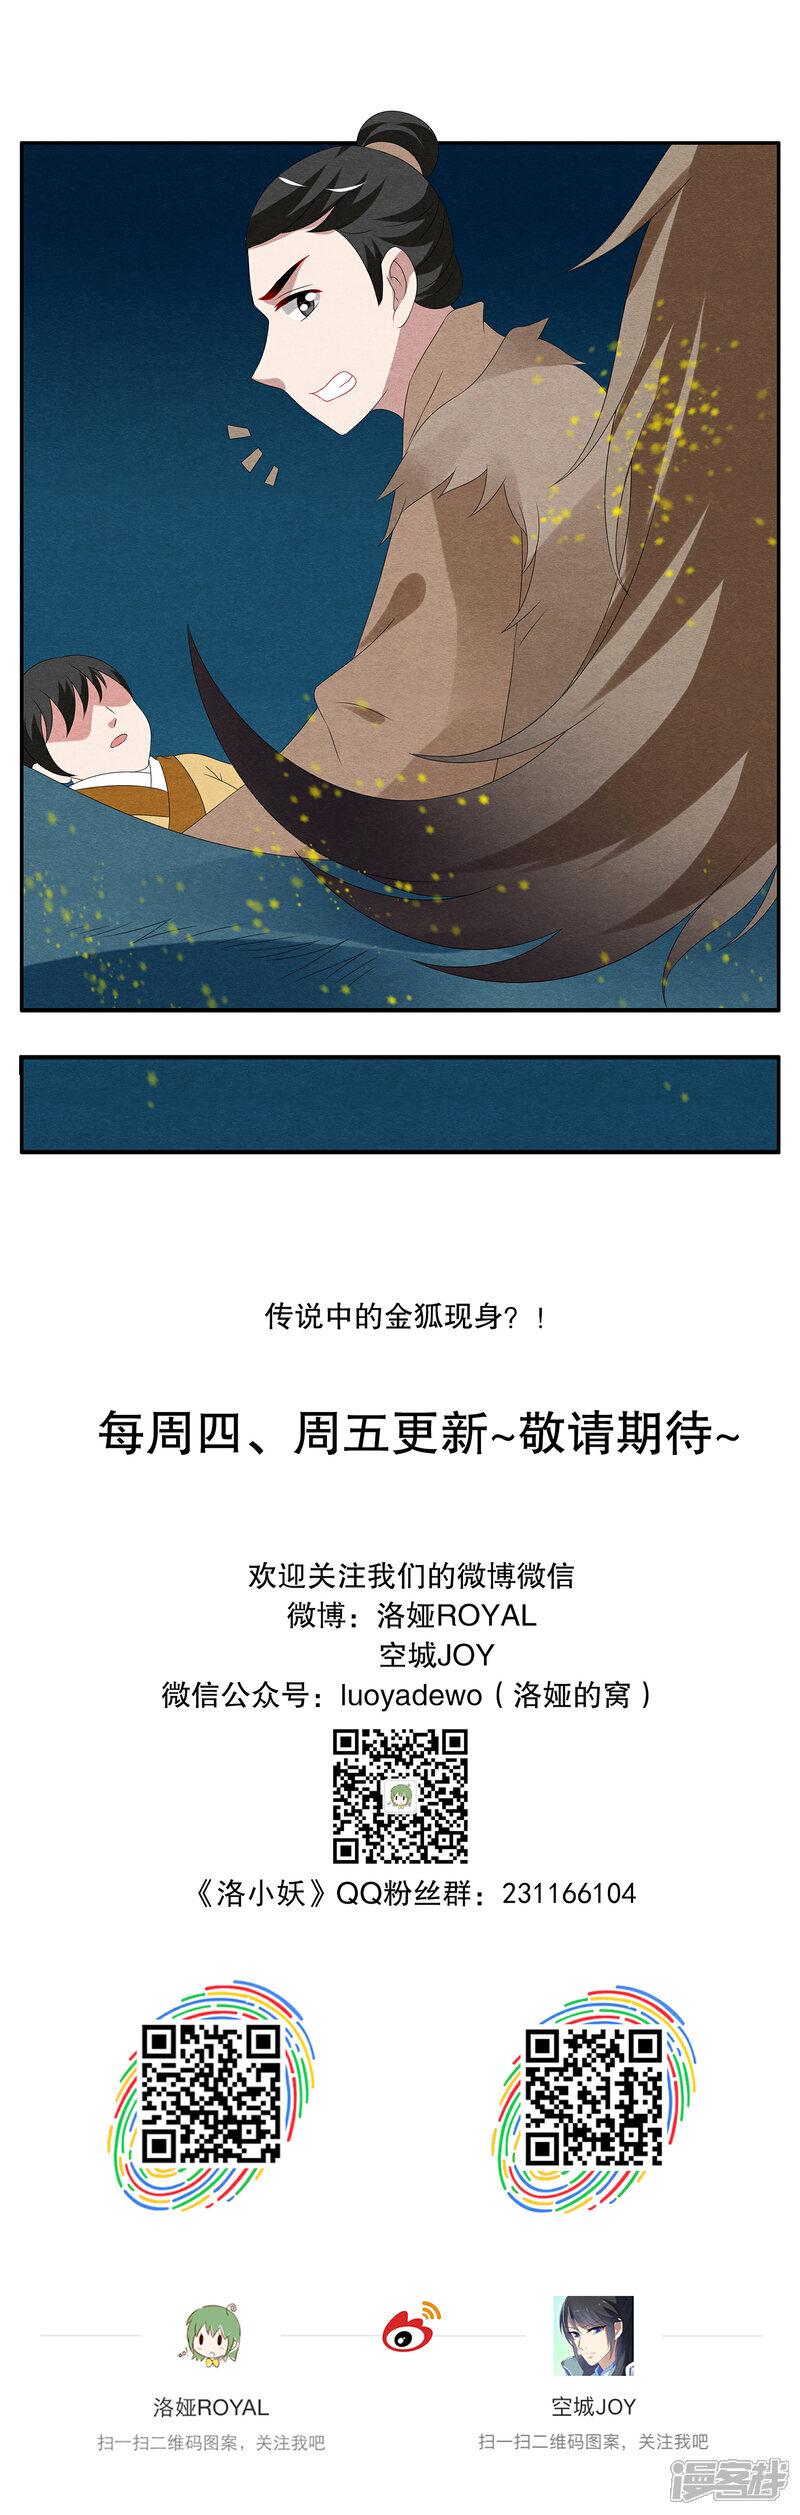 洛小妖1021030006-2.jpg